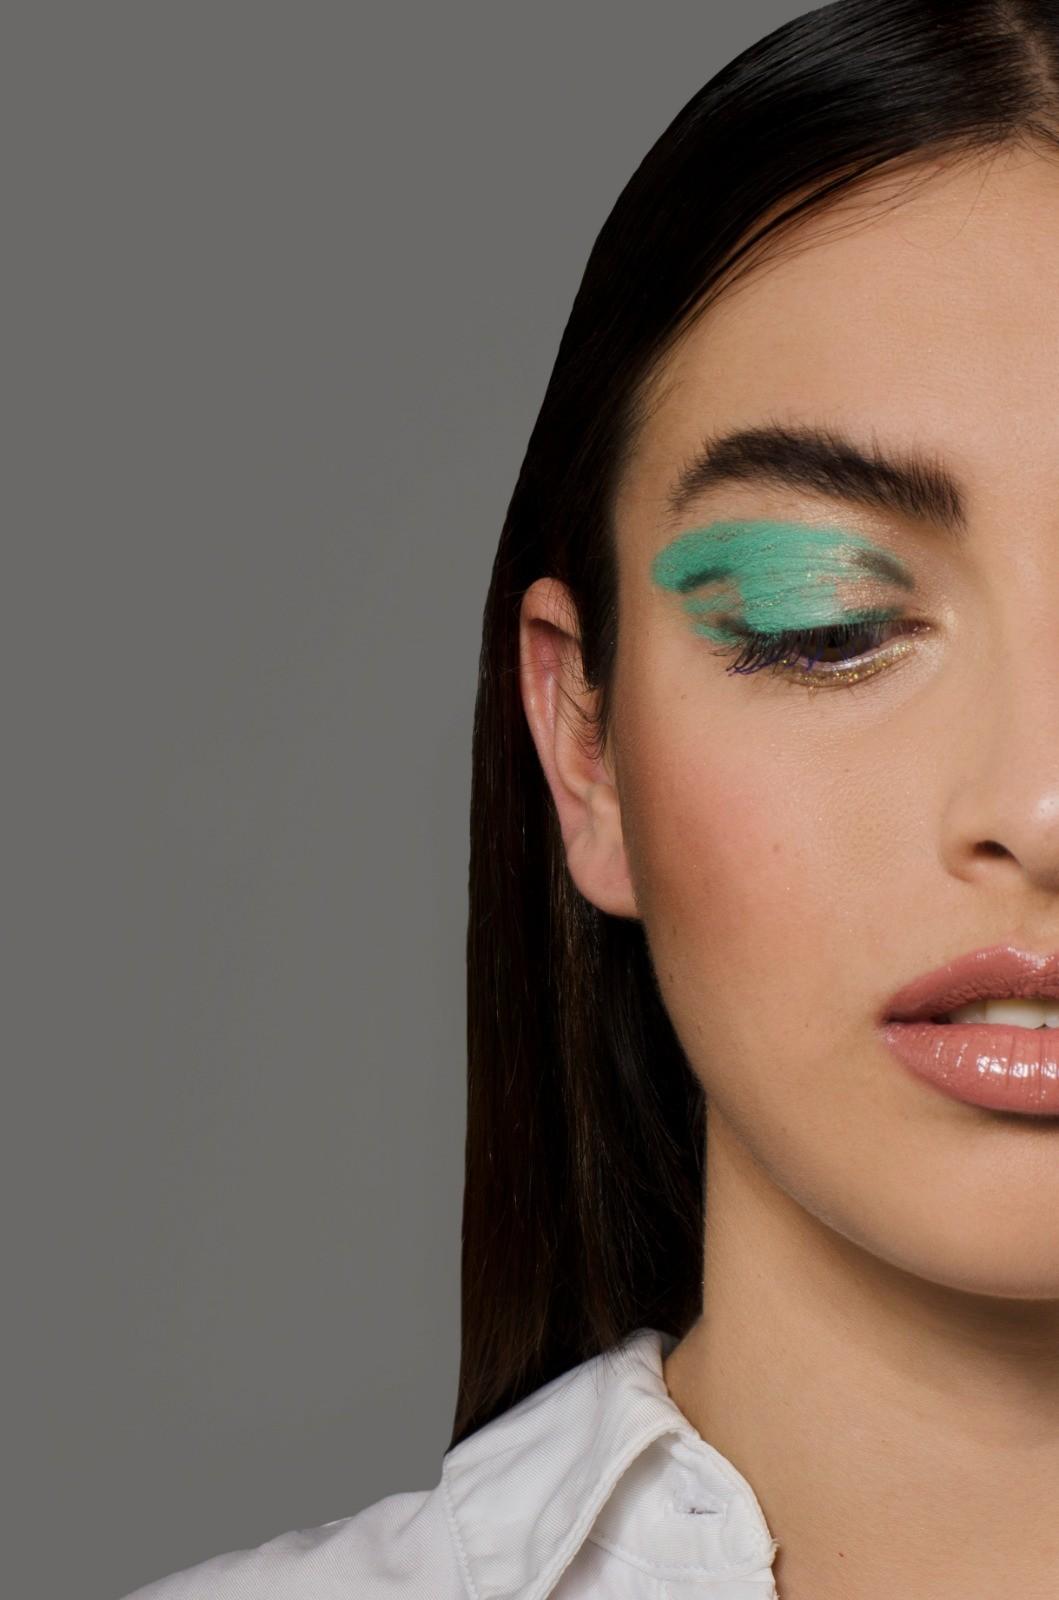 Un ejemplo de cómo maquillar las cejas